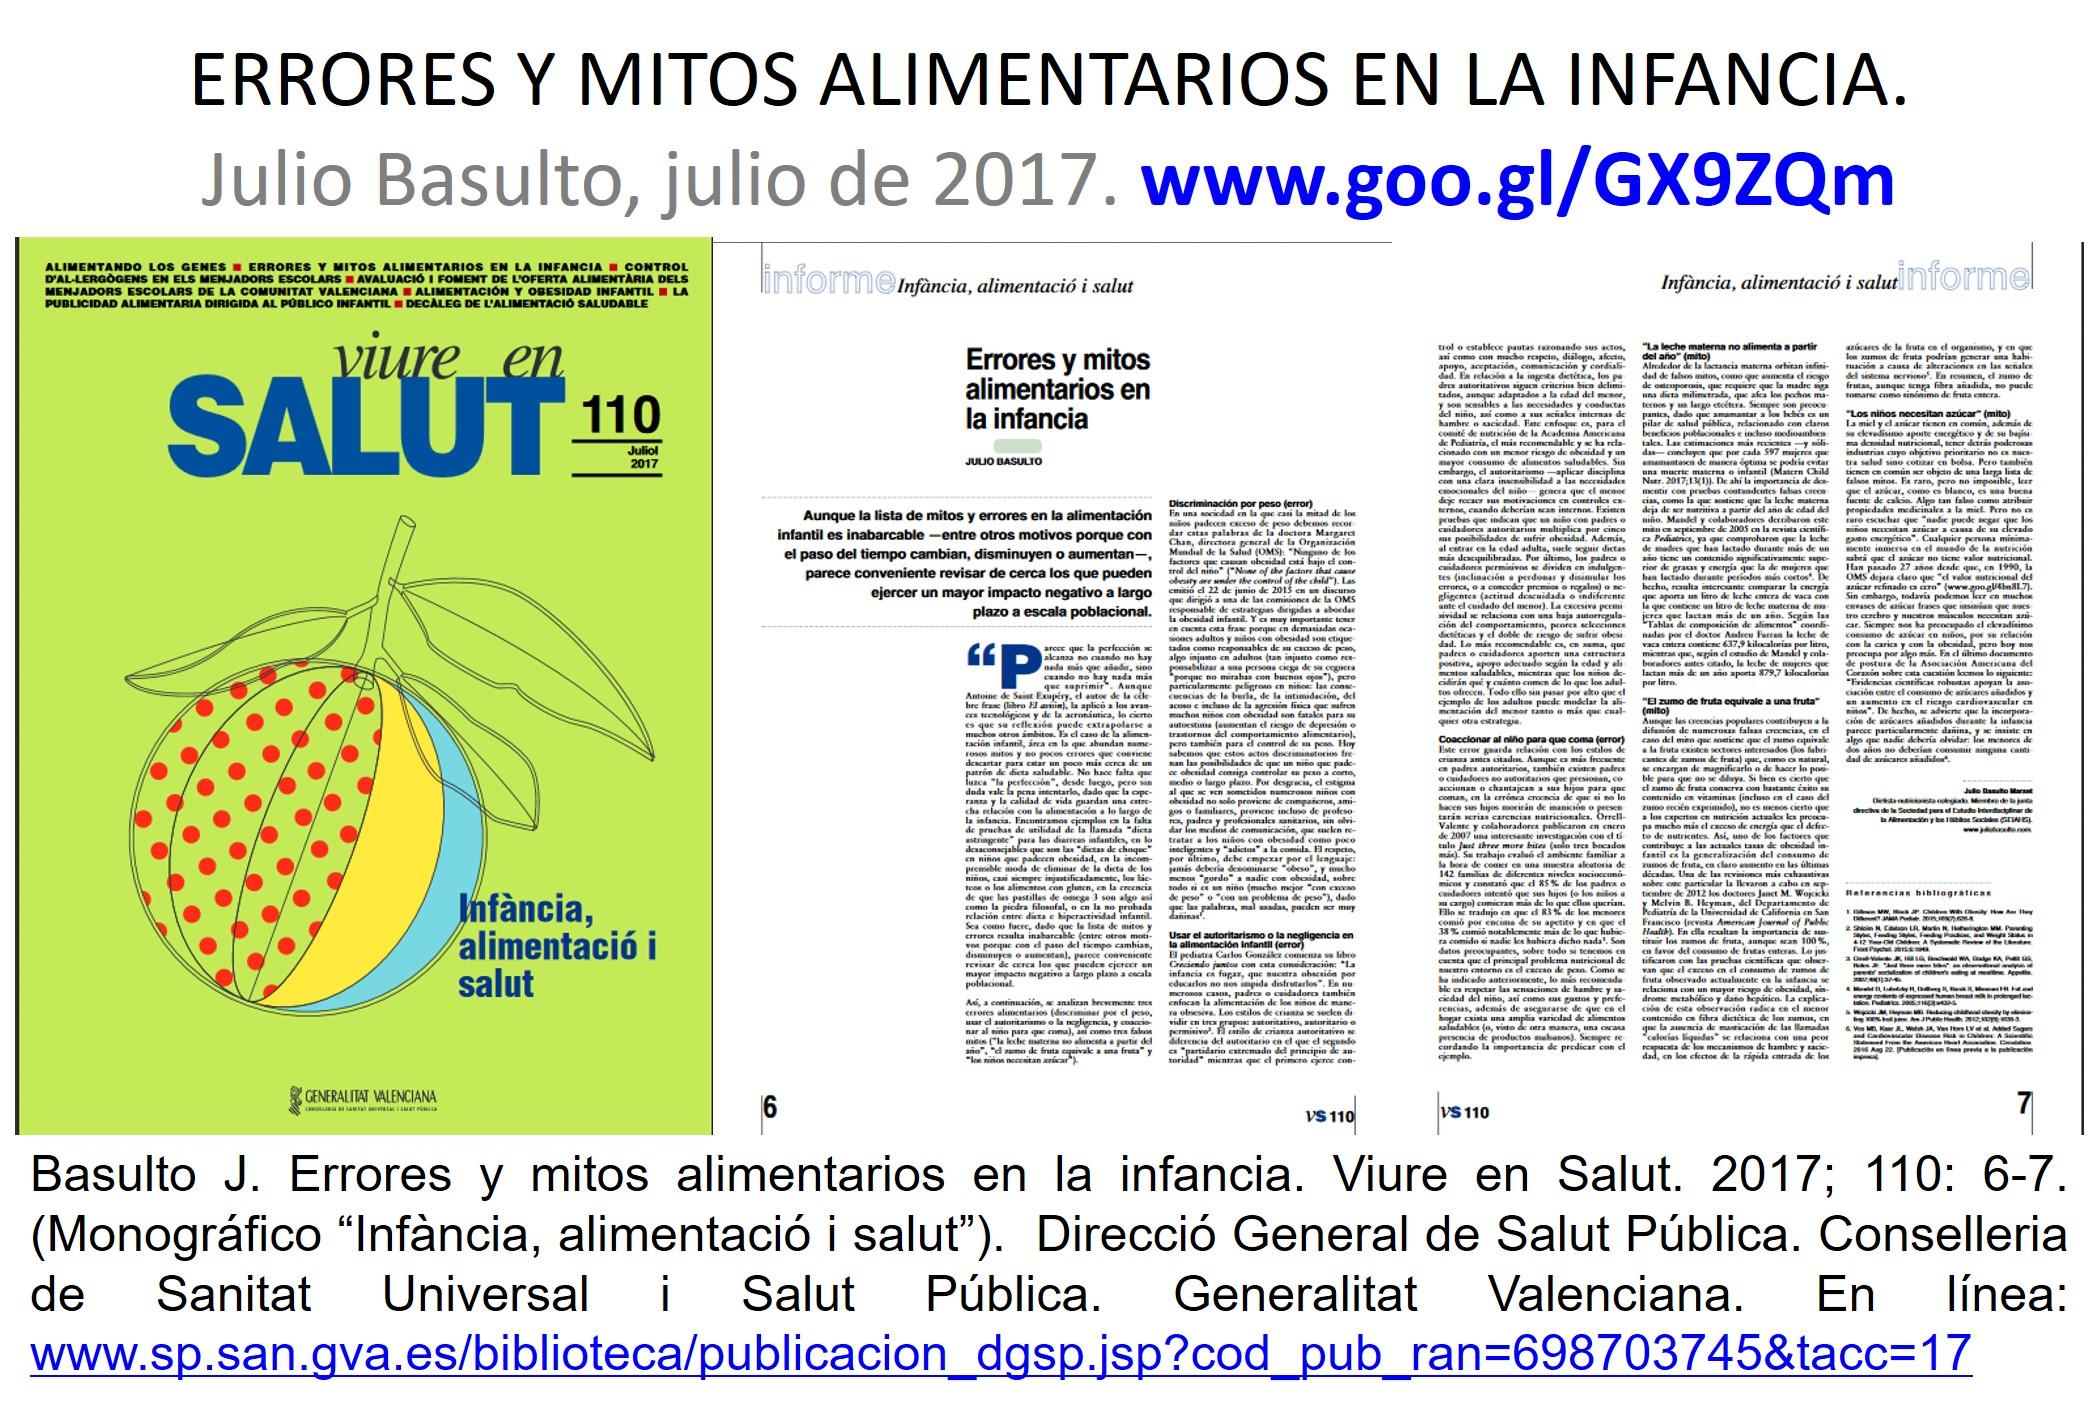 Errores y mitos alimentarios en la infancia (revista Viure en Salut, Generalitat Valenciana).